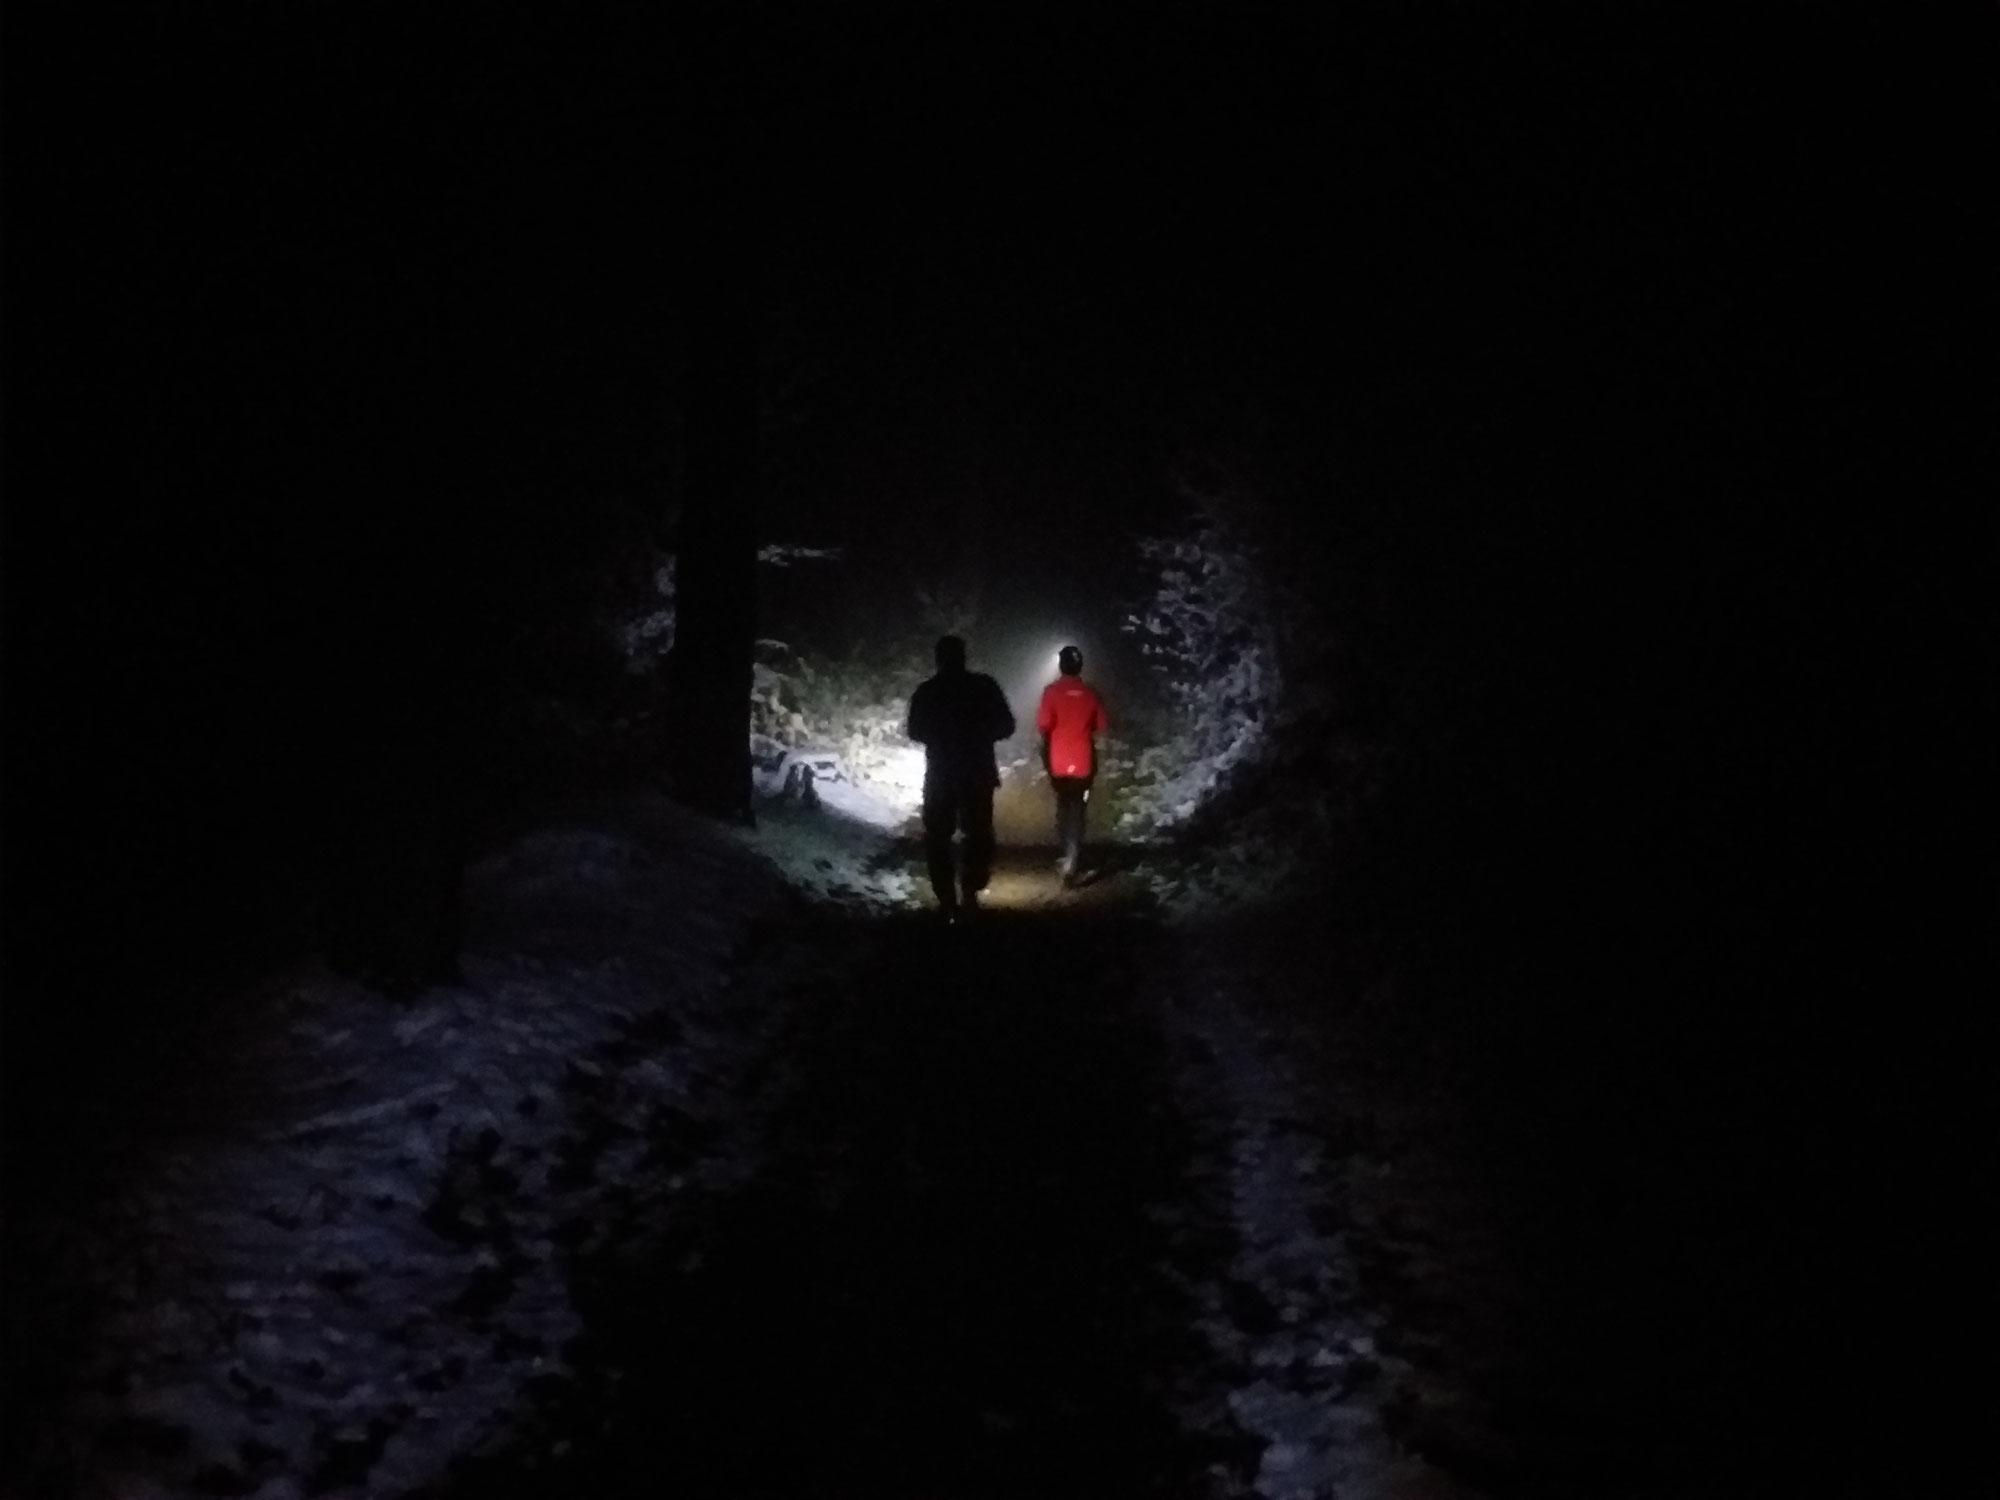 Laufen im Dunkeln? So kann es klappen! - Lauftrend 2